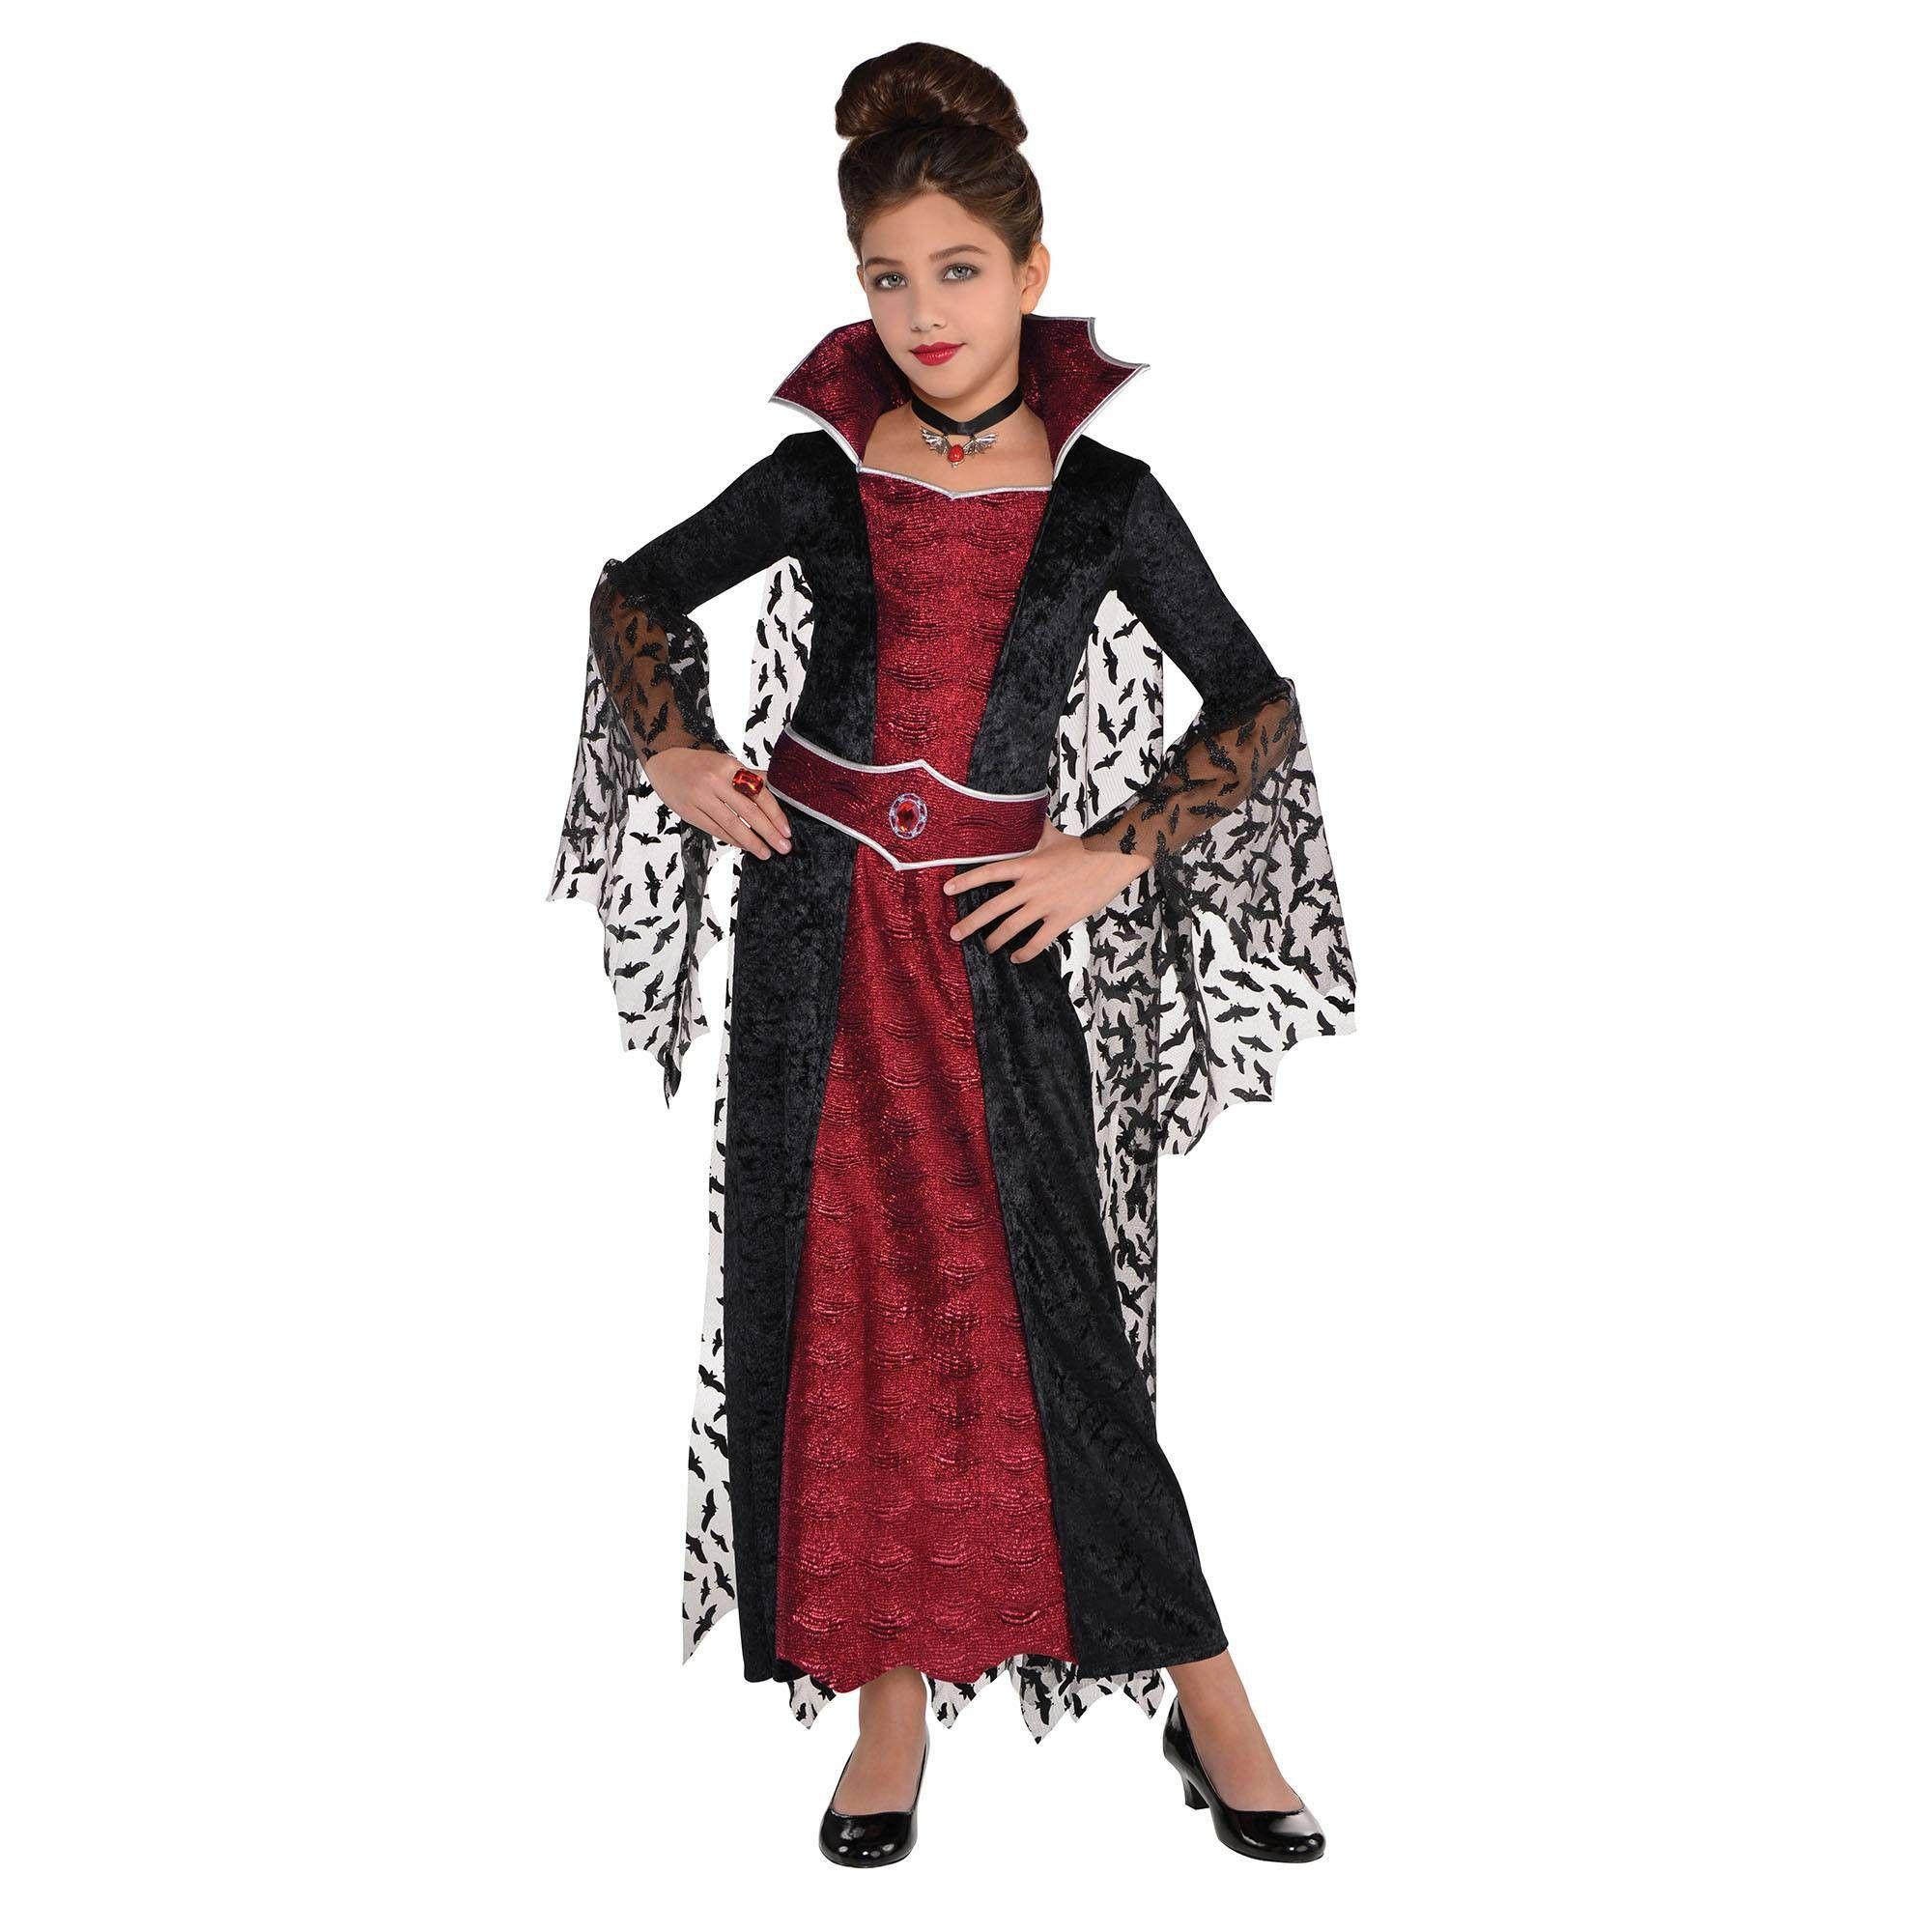 Girls' Coffin Queen Deluxe Halloween Costume M Girls